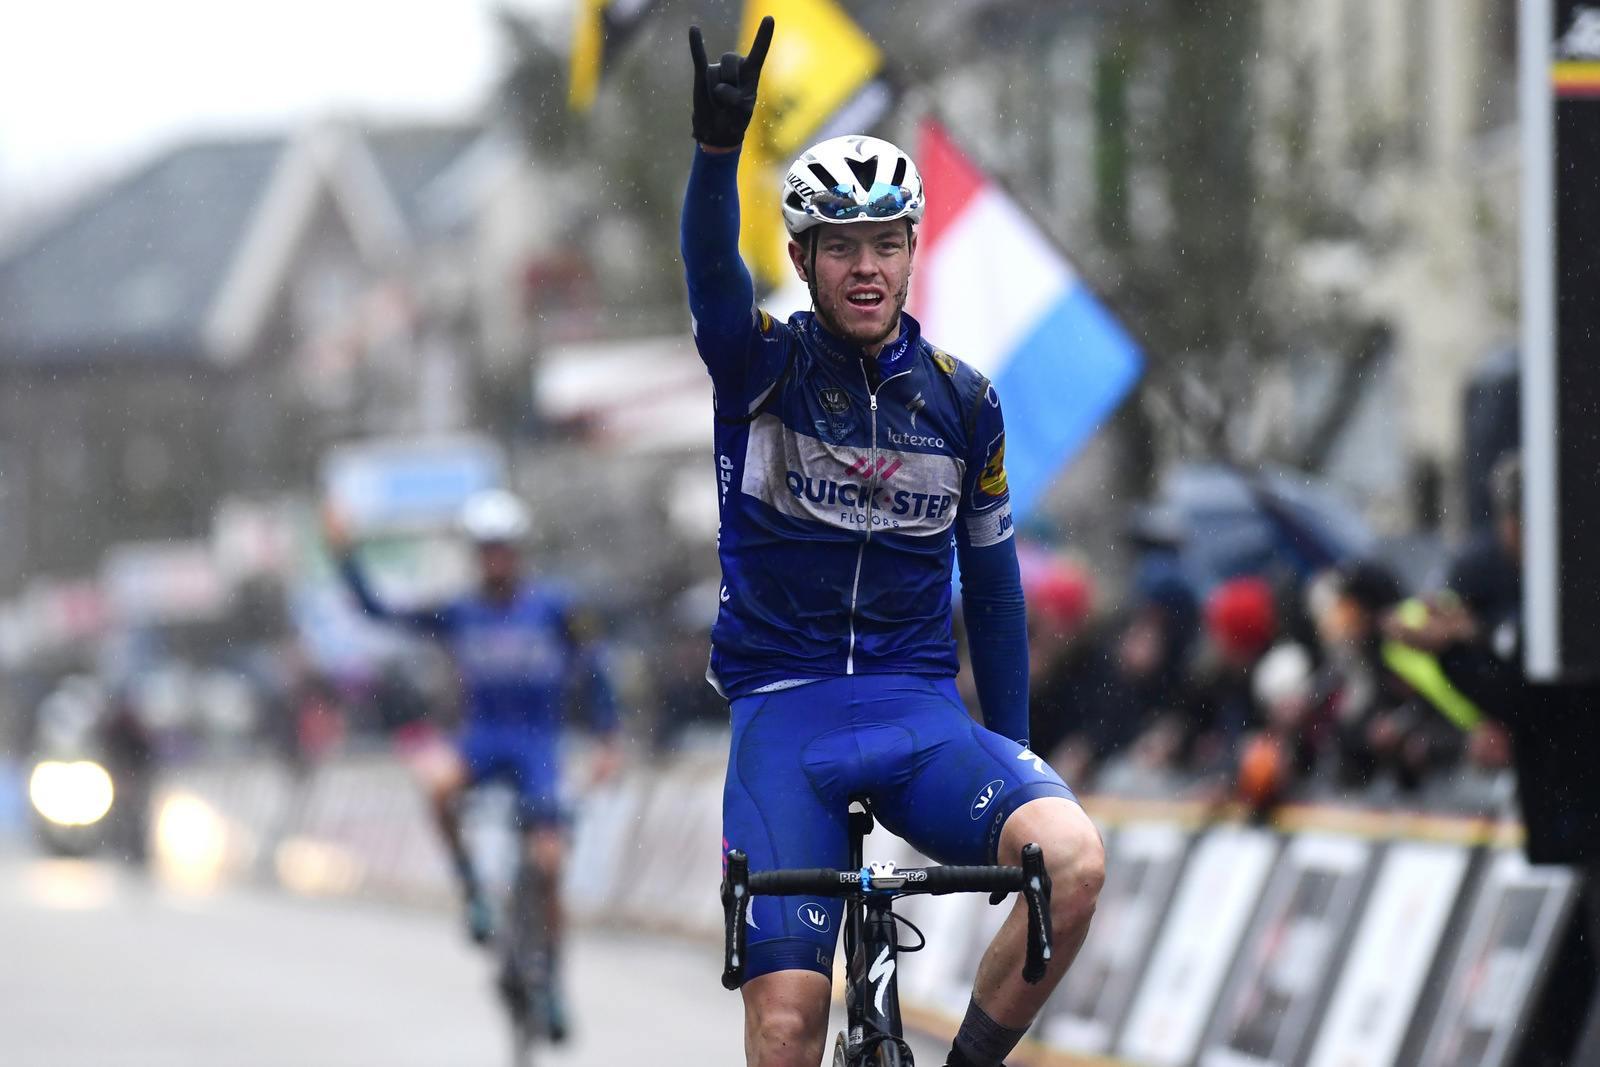 Remi Cavagna- Ciclismo antiguo JoanSeguidor